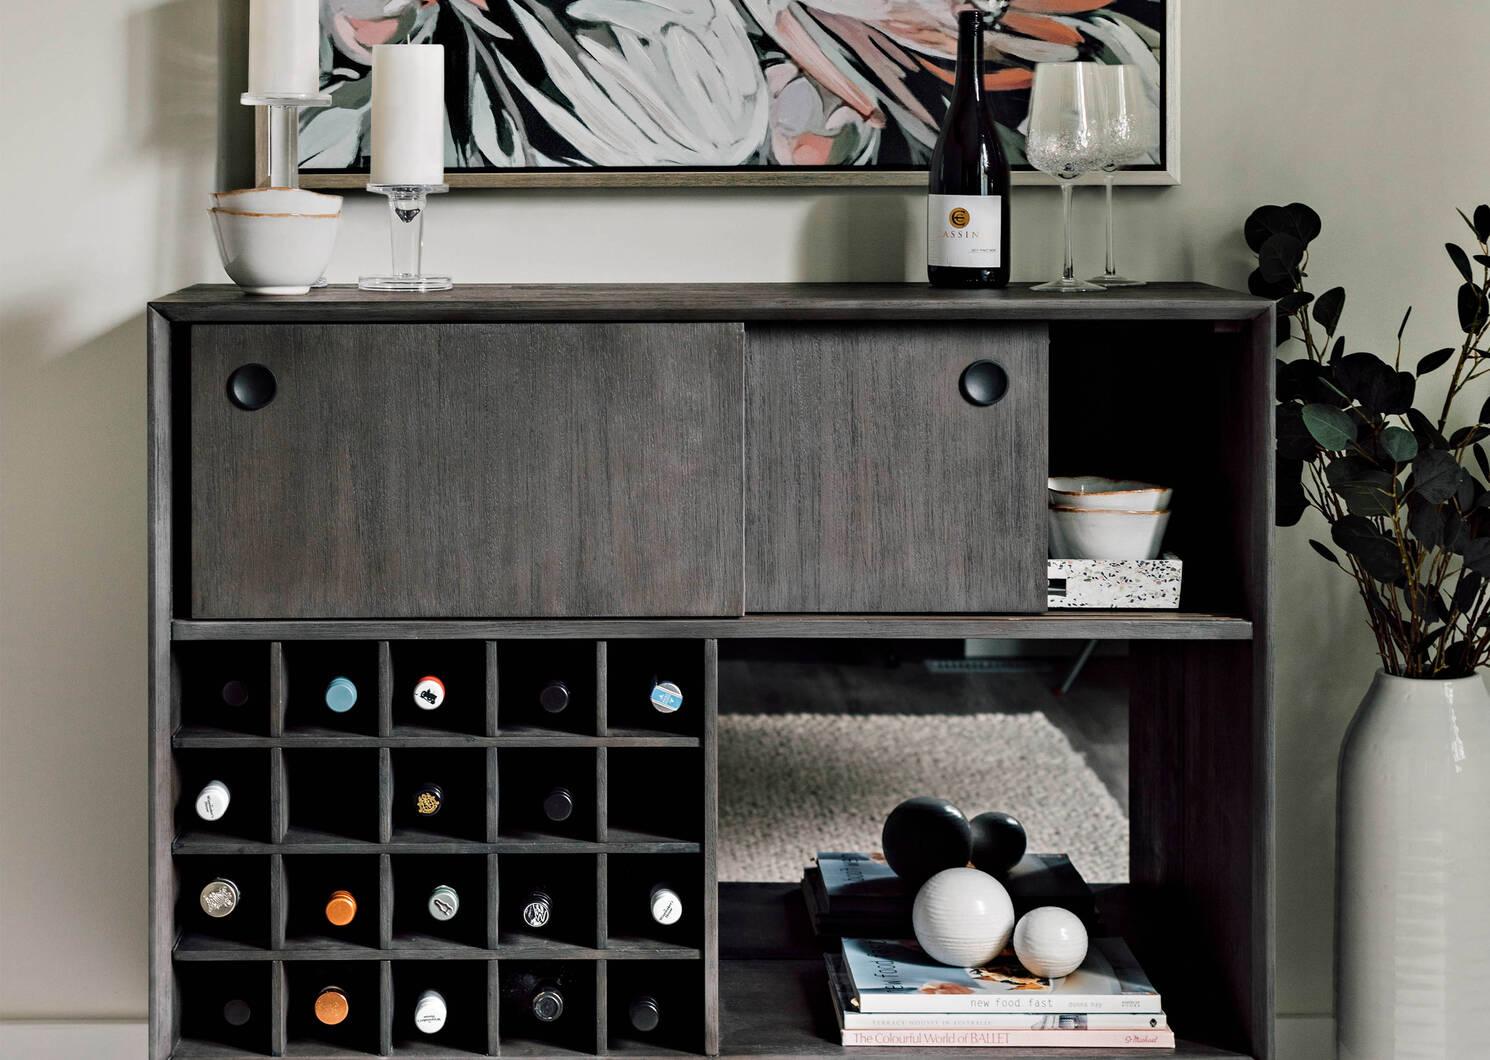 Kelvin Wine Cabinet -Bruna Café